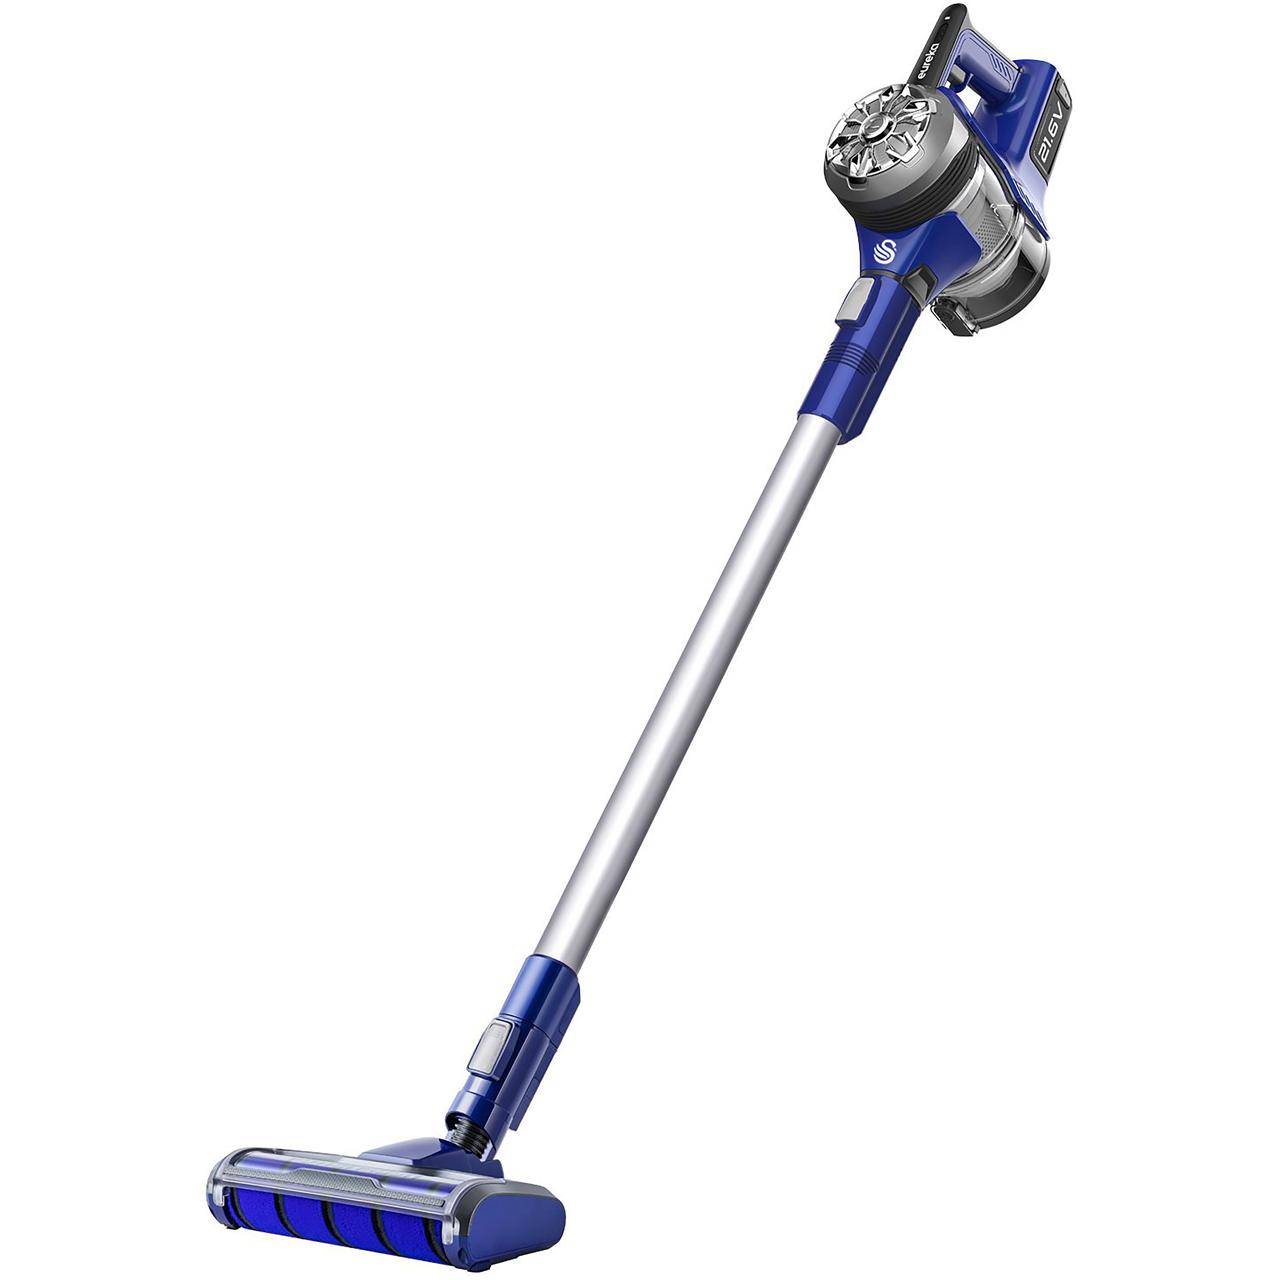 Eureka Swan Powerplush Turbo Cordless Vacuum Cleaner